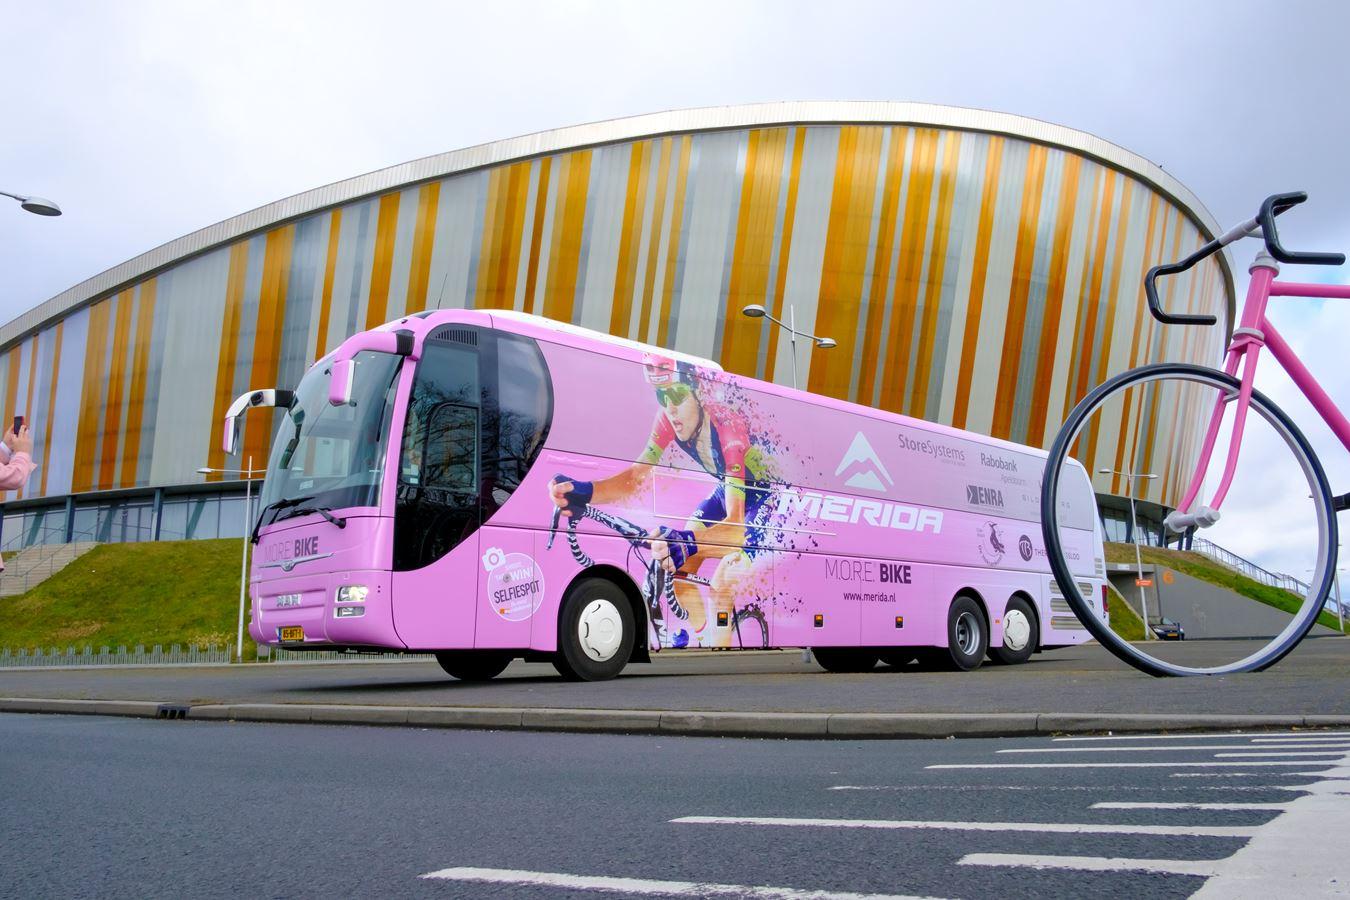 tour-bus-merida-bikes-vehicle-wrap